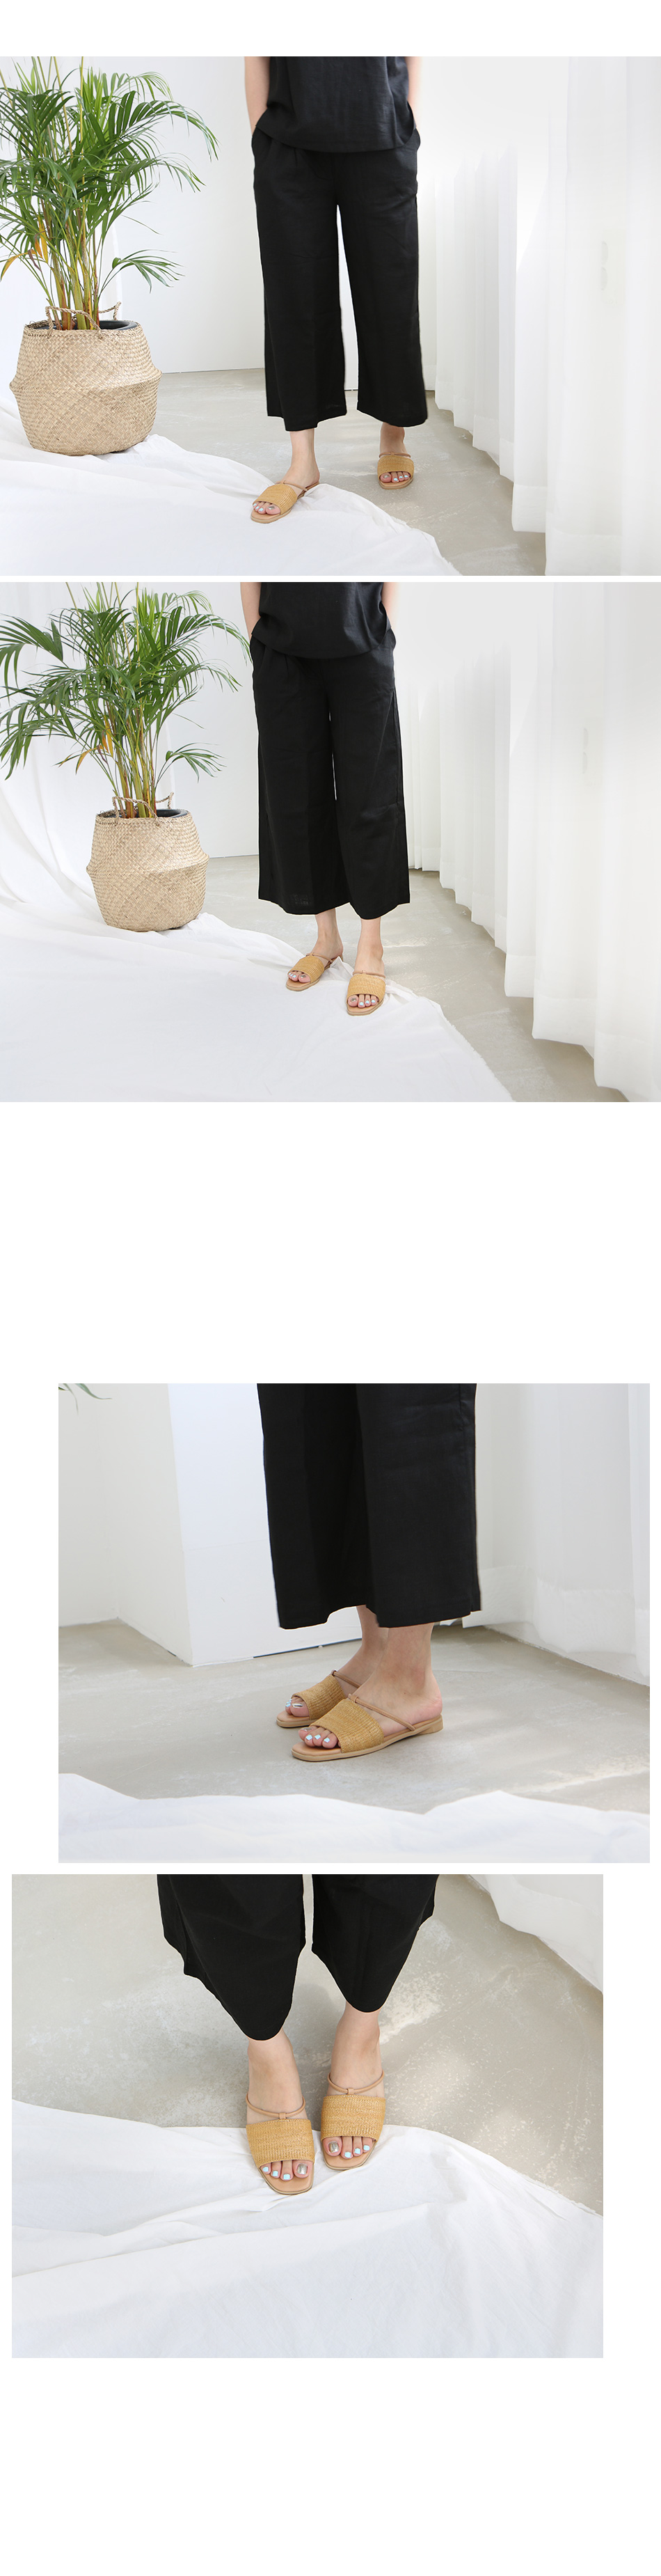 호툼 라탄 스트랩 슬리퍼 착용컷